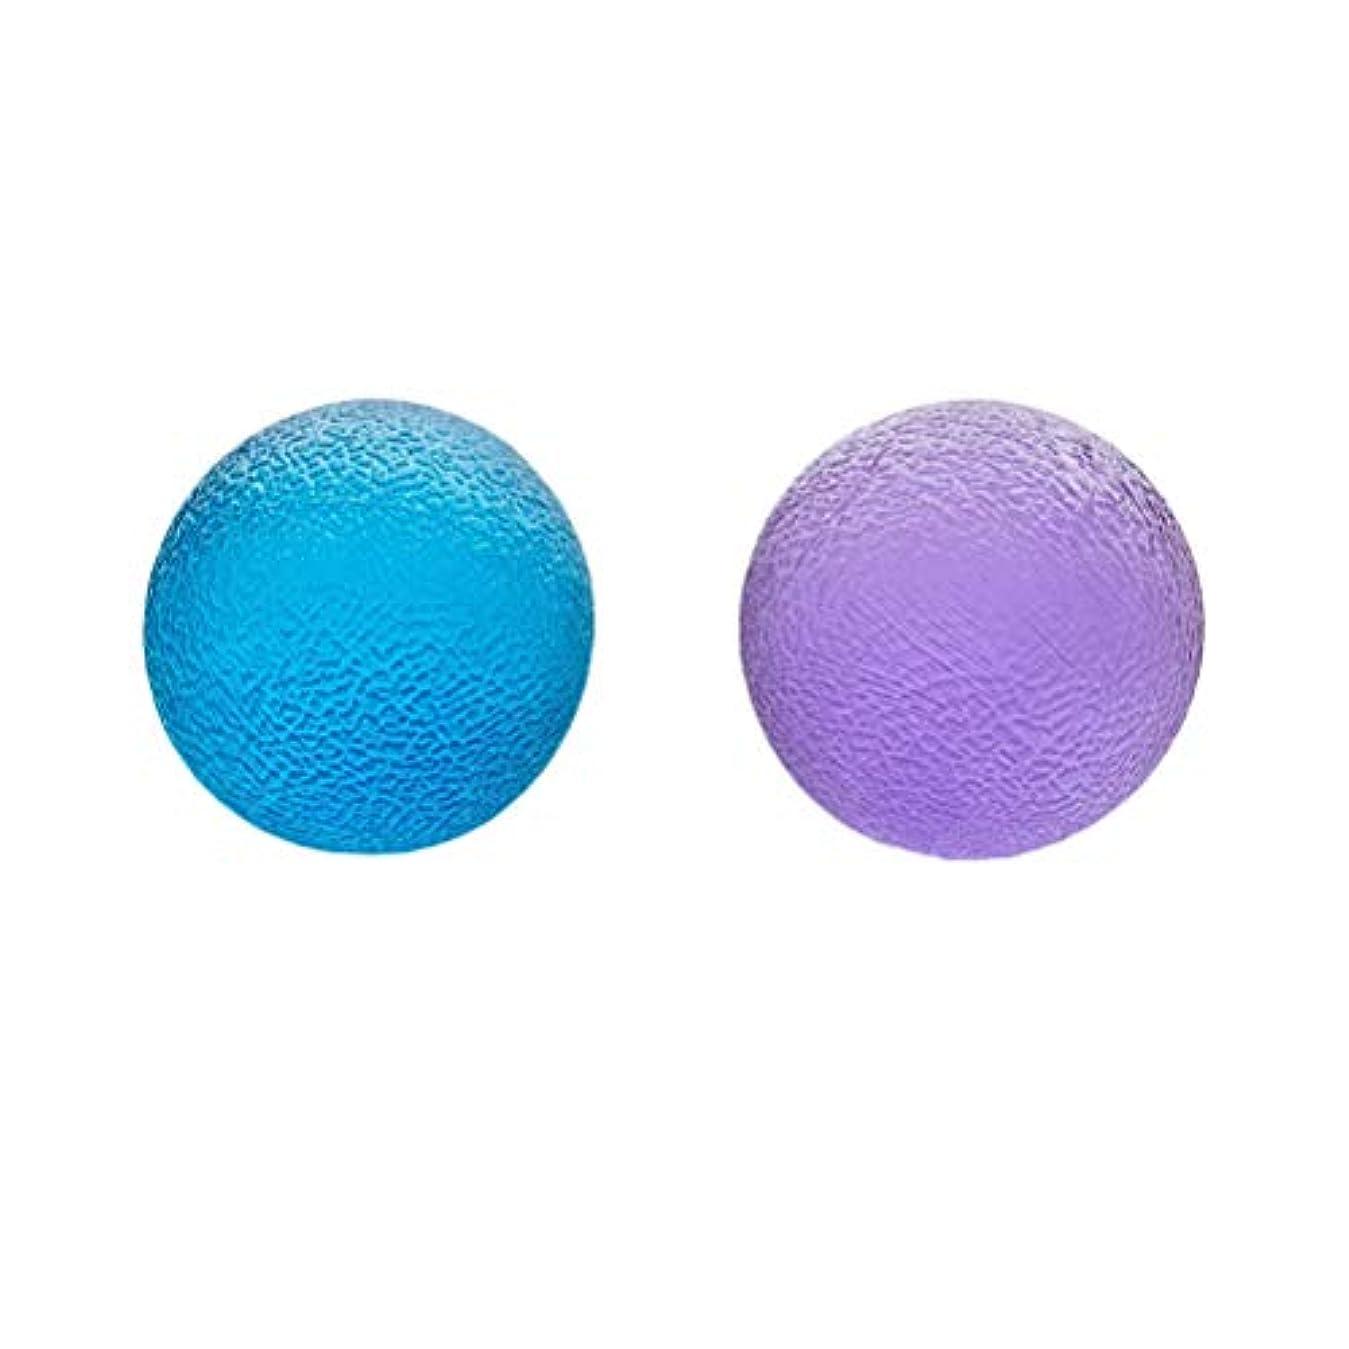 で出来ているタービンスクラブHealifty ハンドストレスボールセラピーボールストレス解消のためにハンドグリップボールを絞る関節炎の痛みを軽減するセラピー強化治療2個(青と紫)